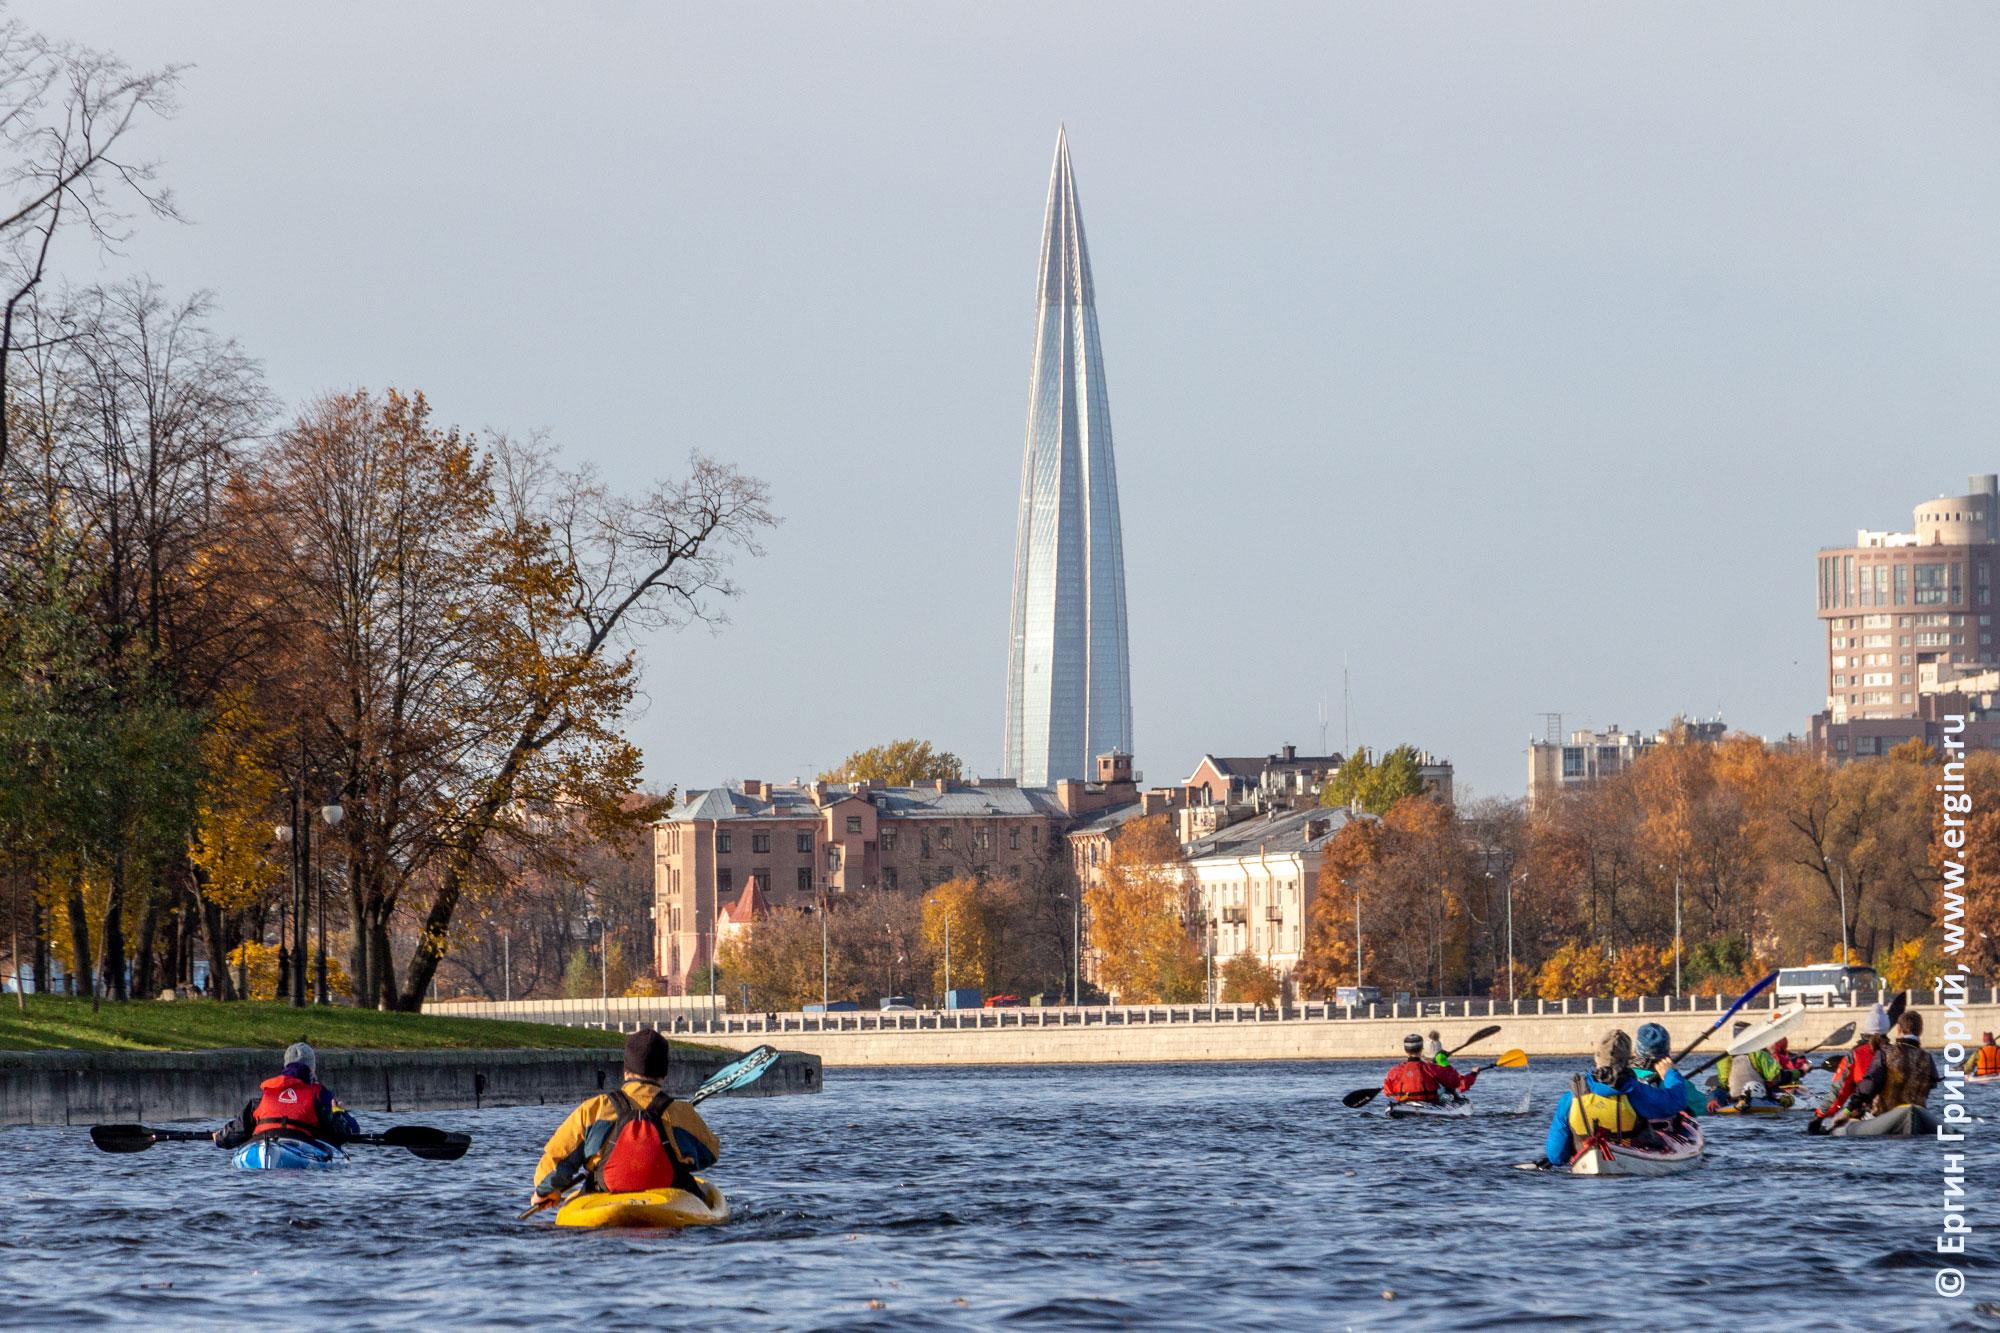 Санкт-Петербург Башня Газпрома и каякеры на Неве